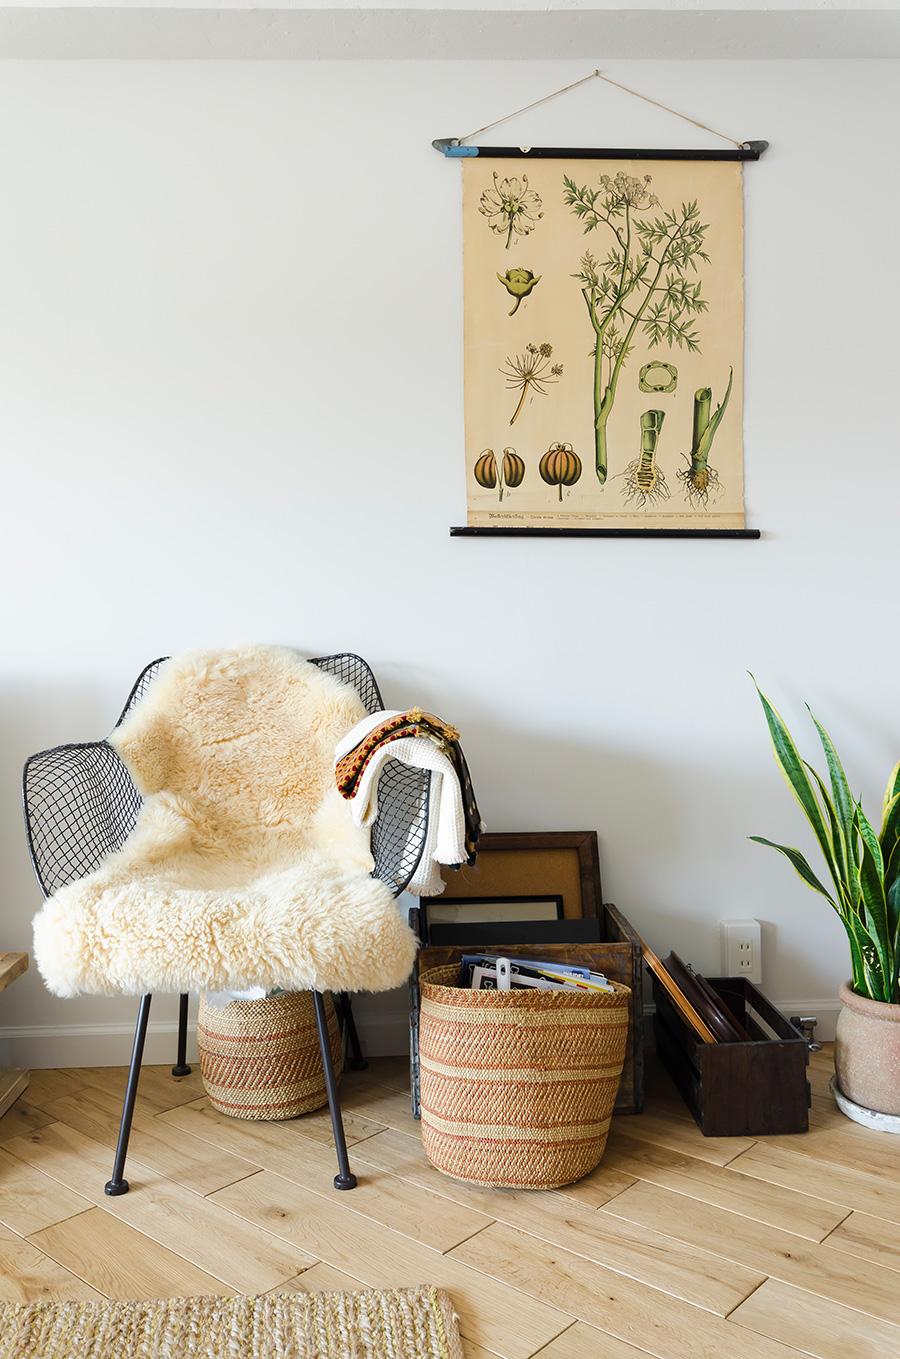 ユニークな壁掛けは世界の手づくり雑貨などを扱うサイト「Etsy」で購入。